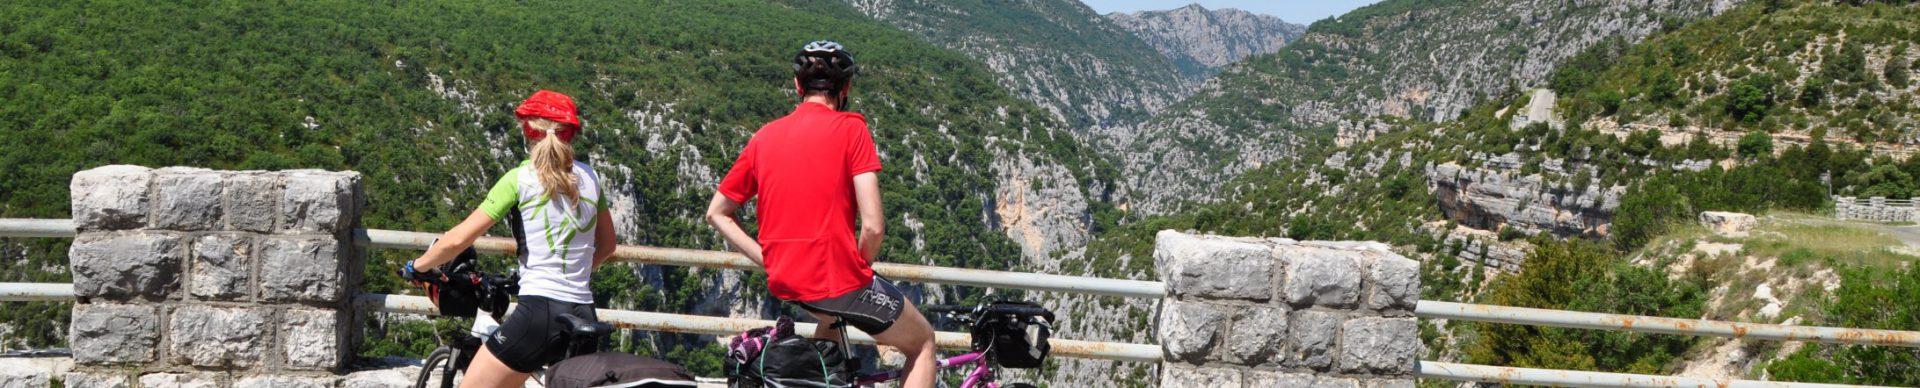 Itinérances à vélo - Alpes de Haute Provence Tourisme